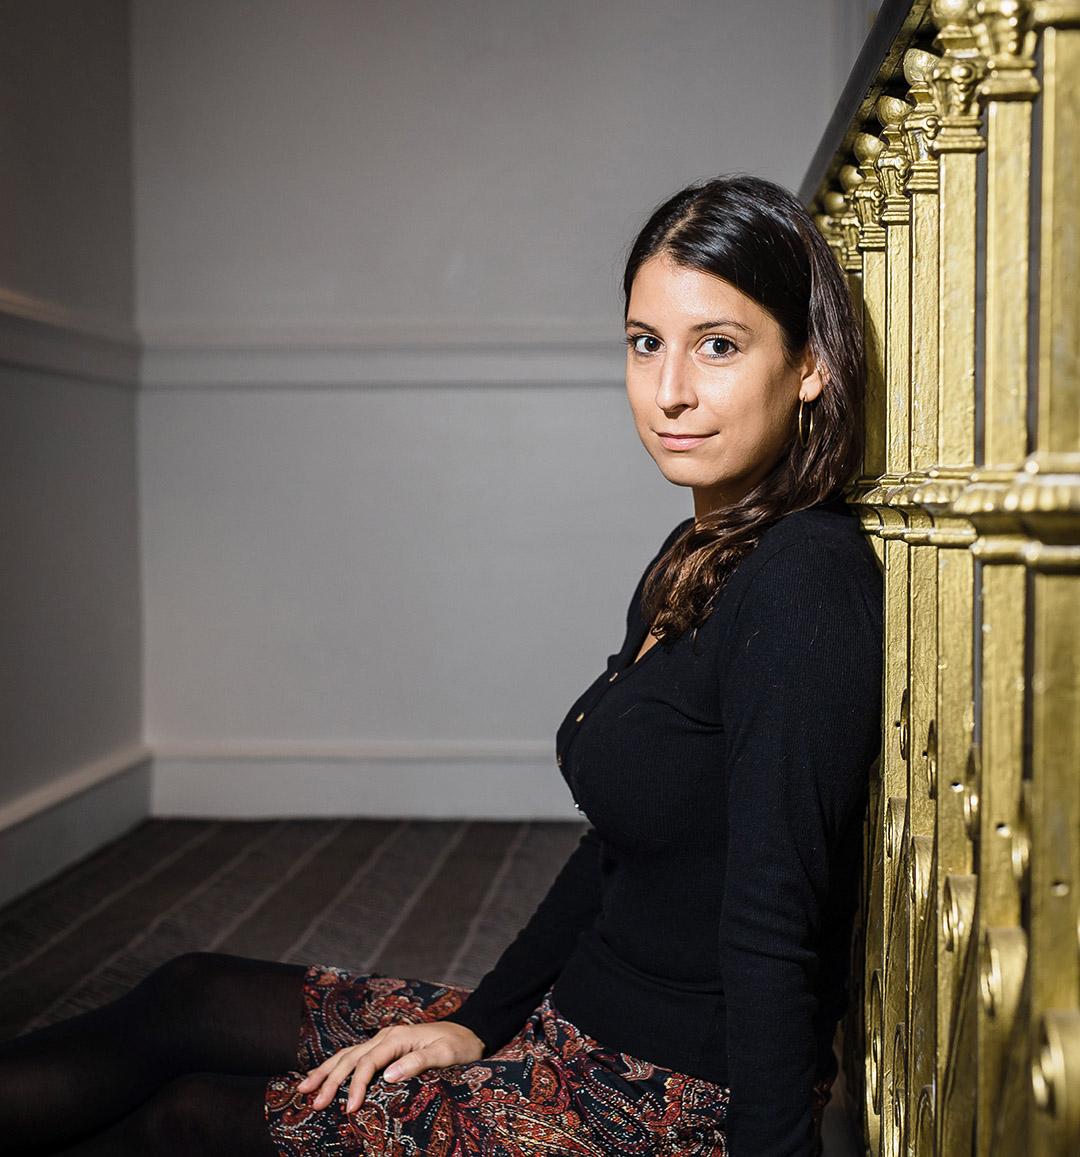 L'autrice Caroline Laurent à l'hôtel Vernet, à Paris, le 6 novembre 2020